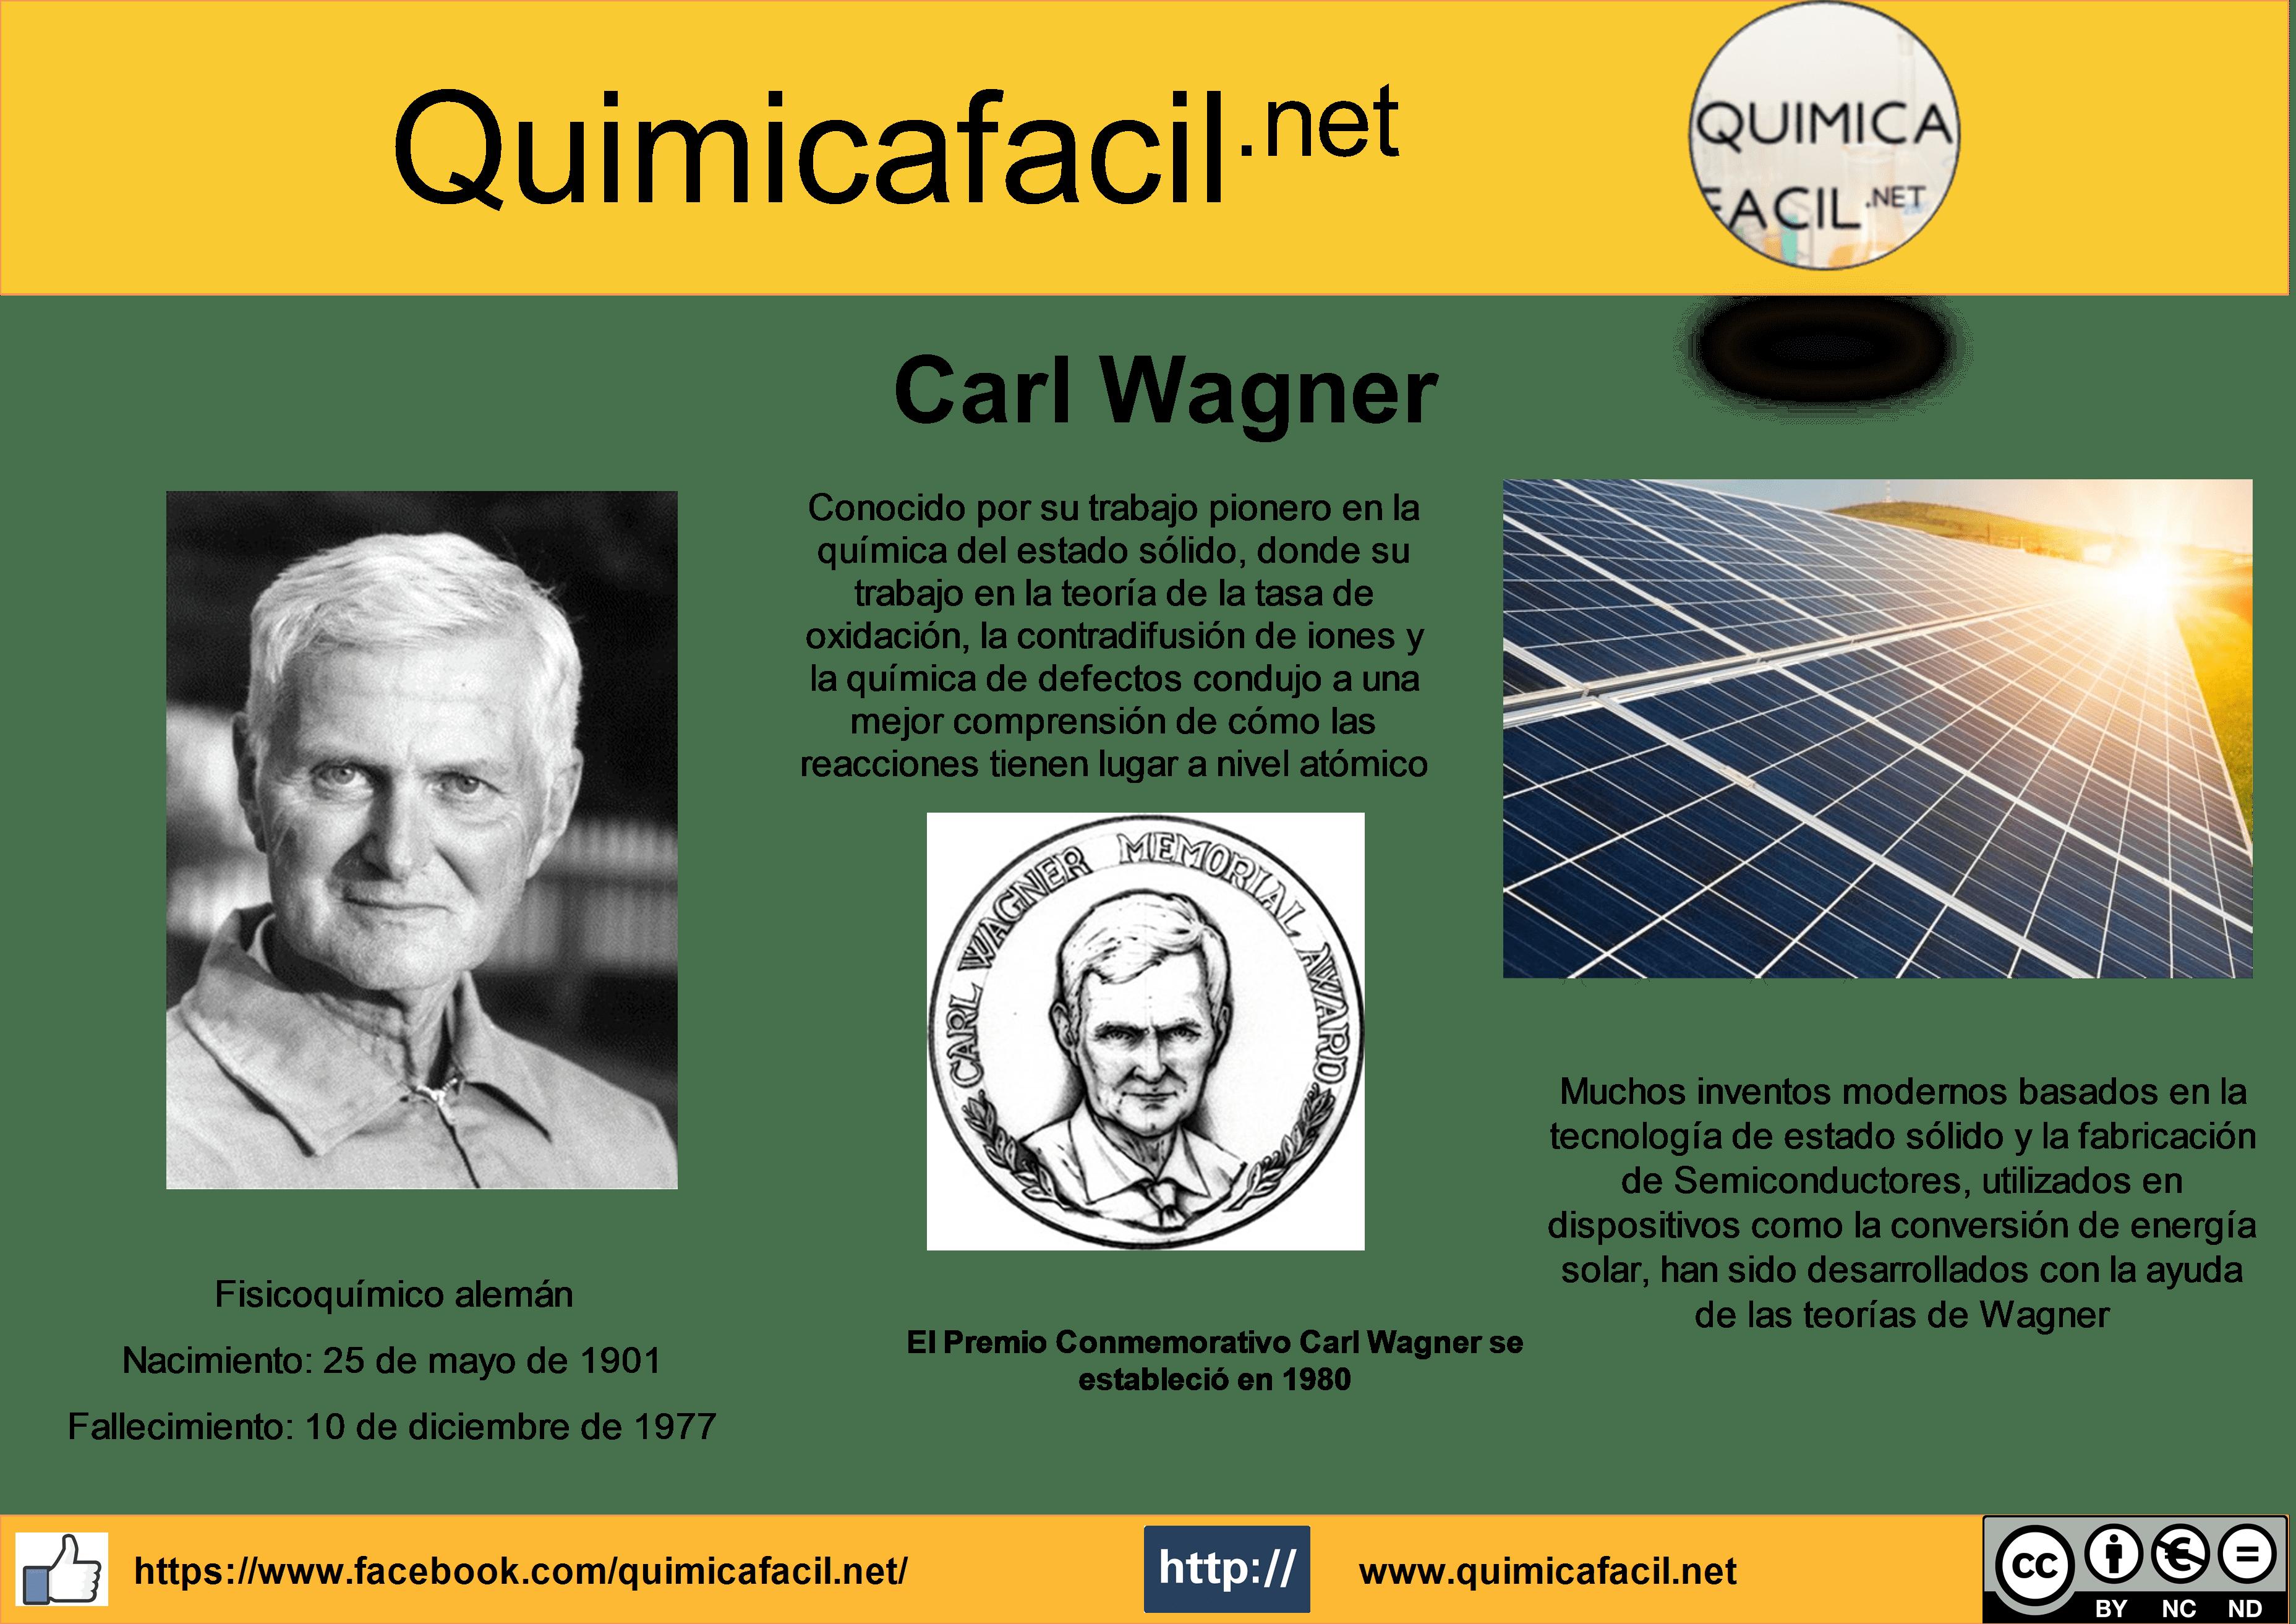 Infografia de Carl Wagner